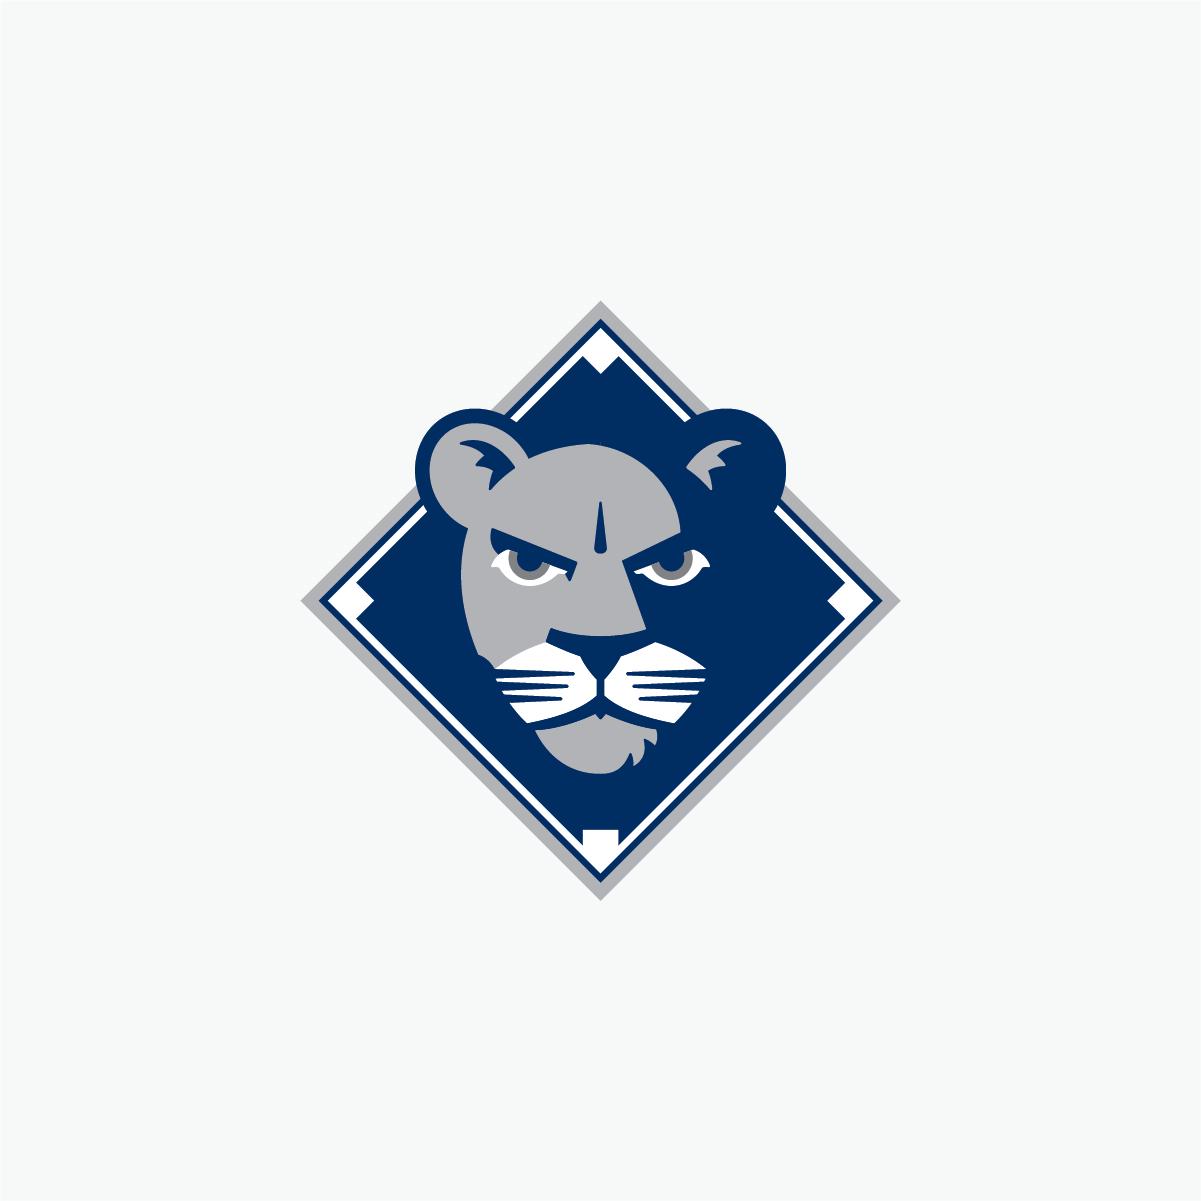 JD_Logos-20.png